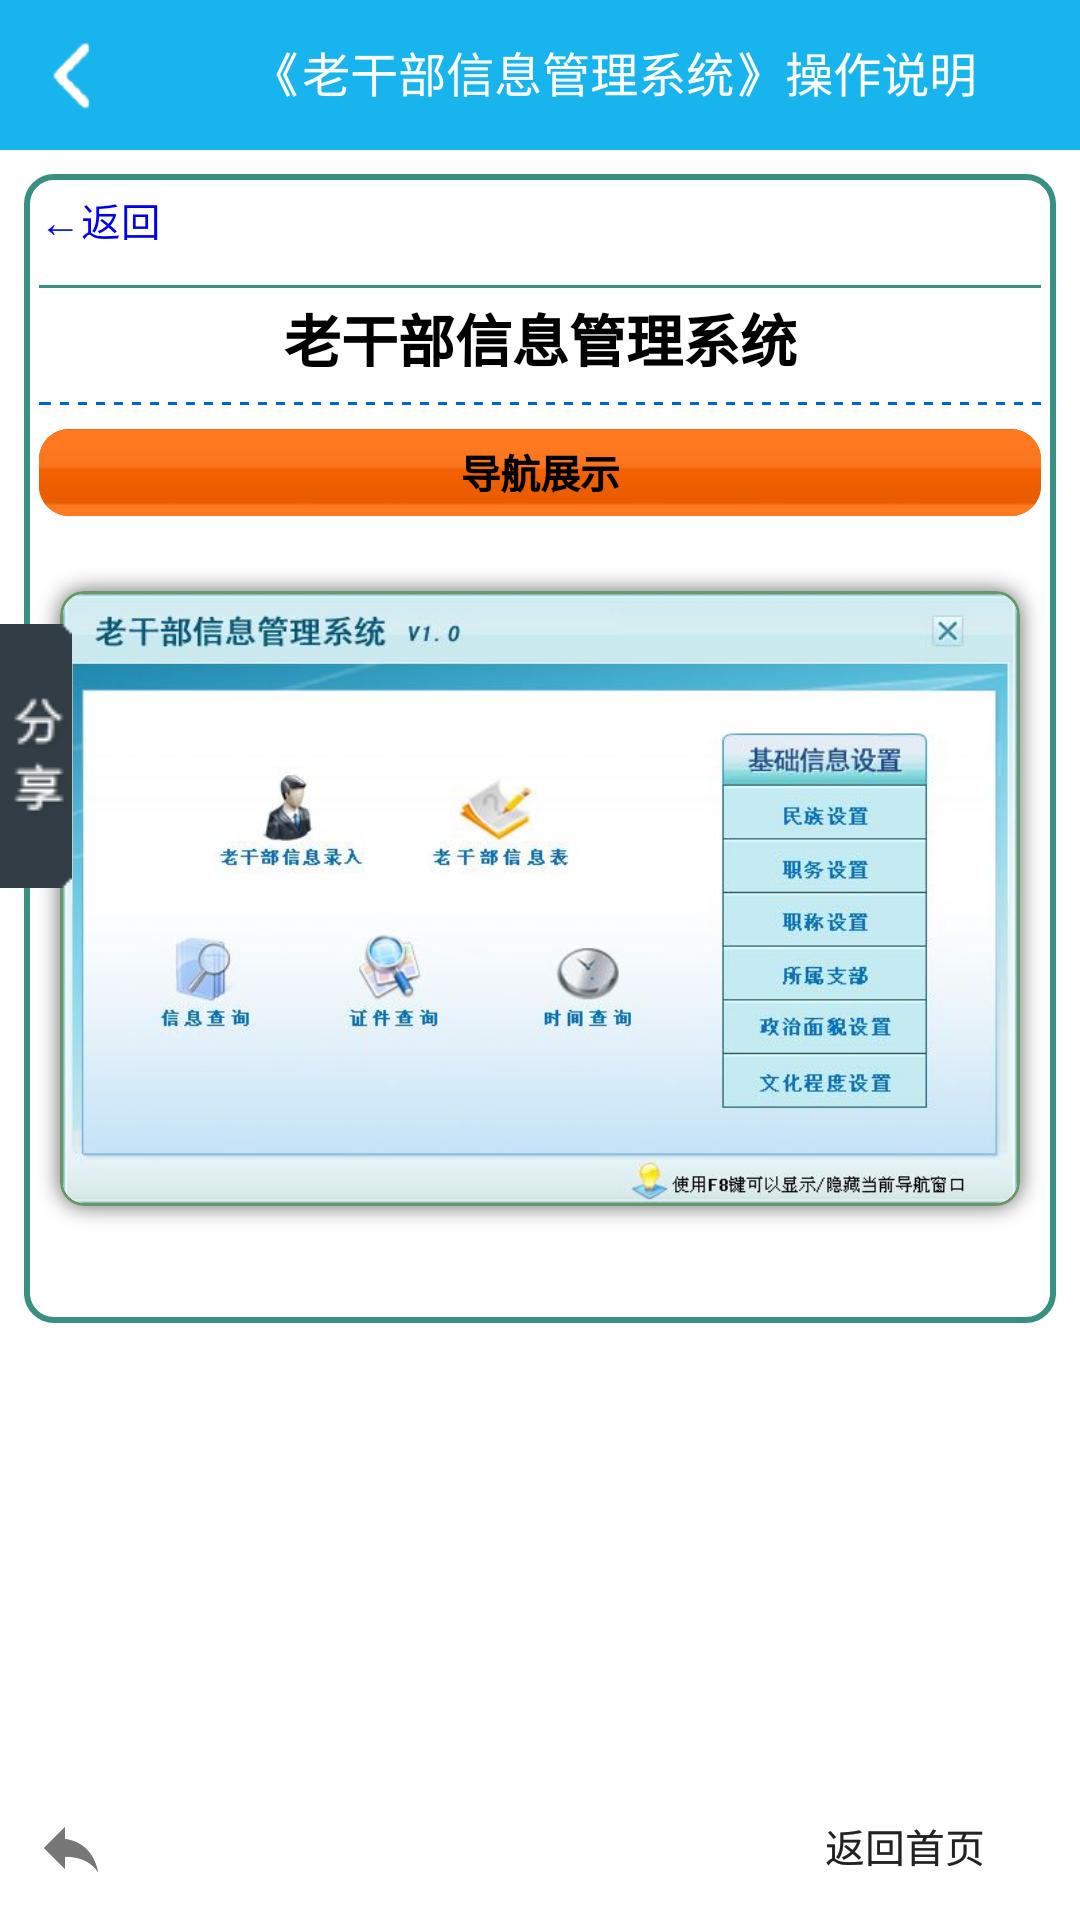 老干部信息管理系统